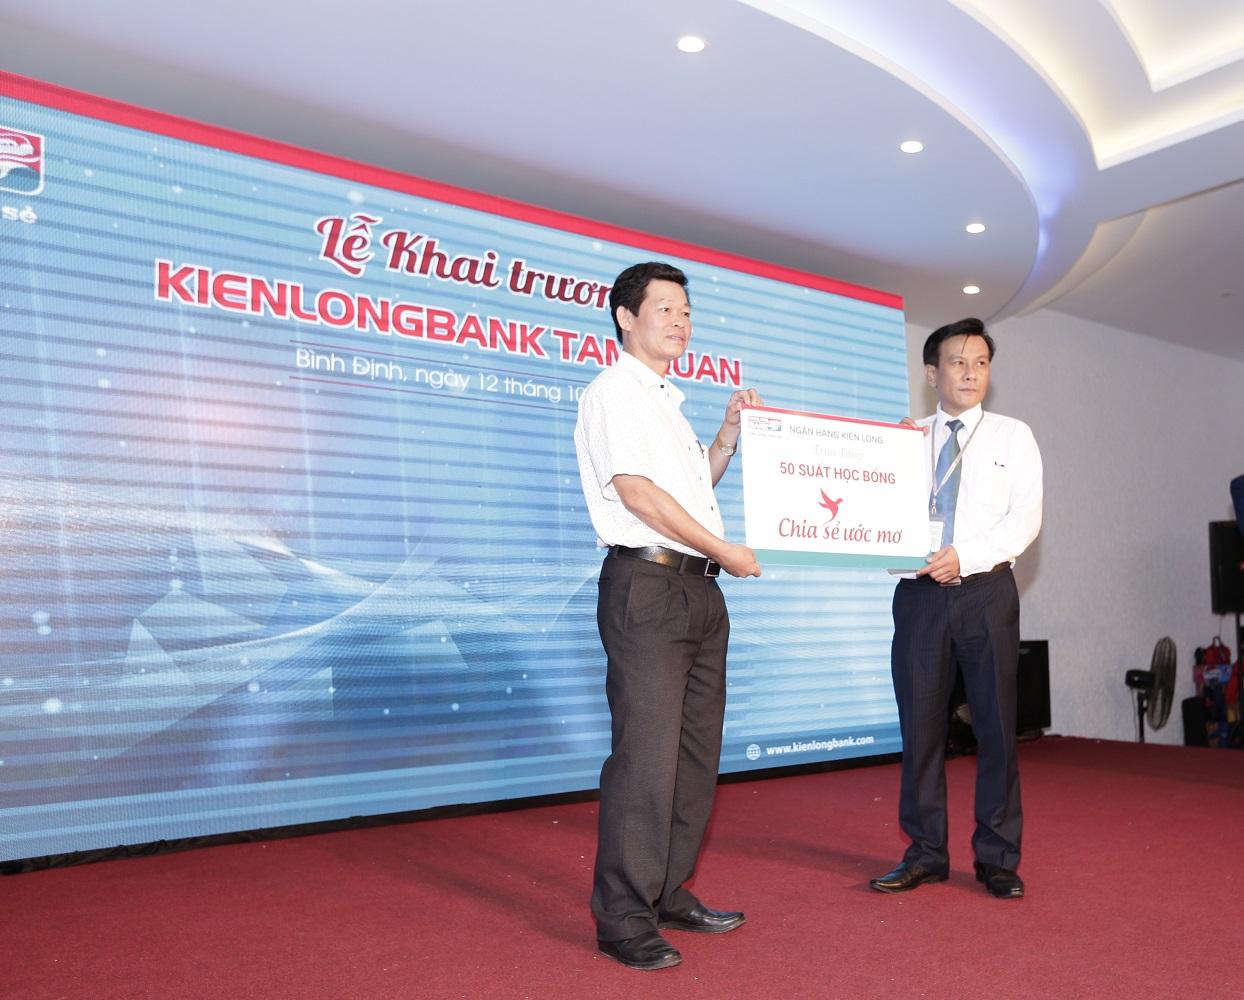 Ông Lê Kim Hùng - Giám đốc Kienlongbank Tam Quan trao bảng tượng trưng học bổng chia sẻ ước mơ cho đại diện lãnh đạo huyện Hoài Nhơn, tỉnh Bình Định